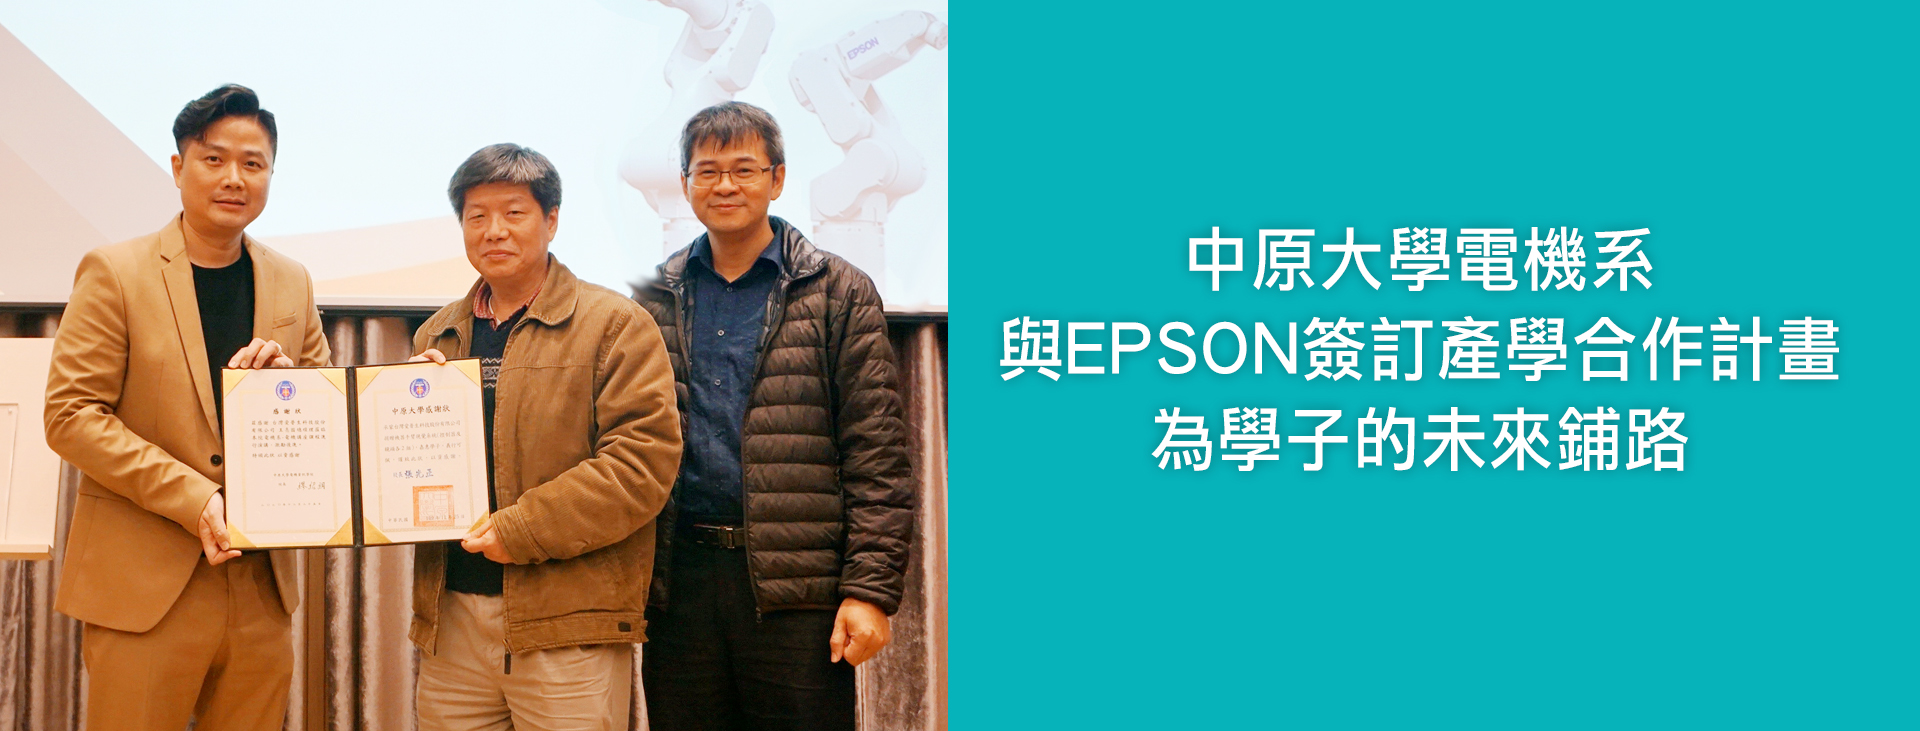 中原大學與EPSON聯手開創產學合作新視野 為市場打造專業技術人才